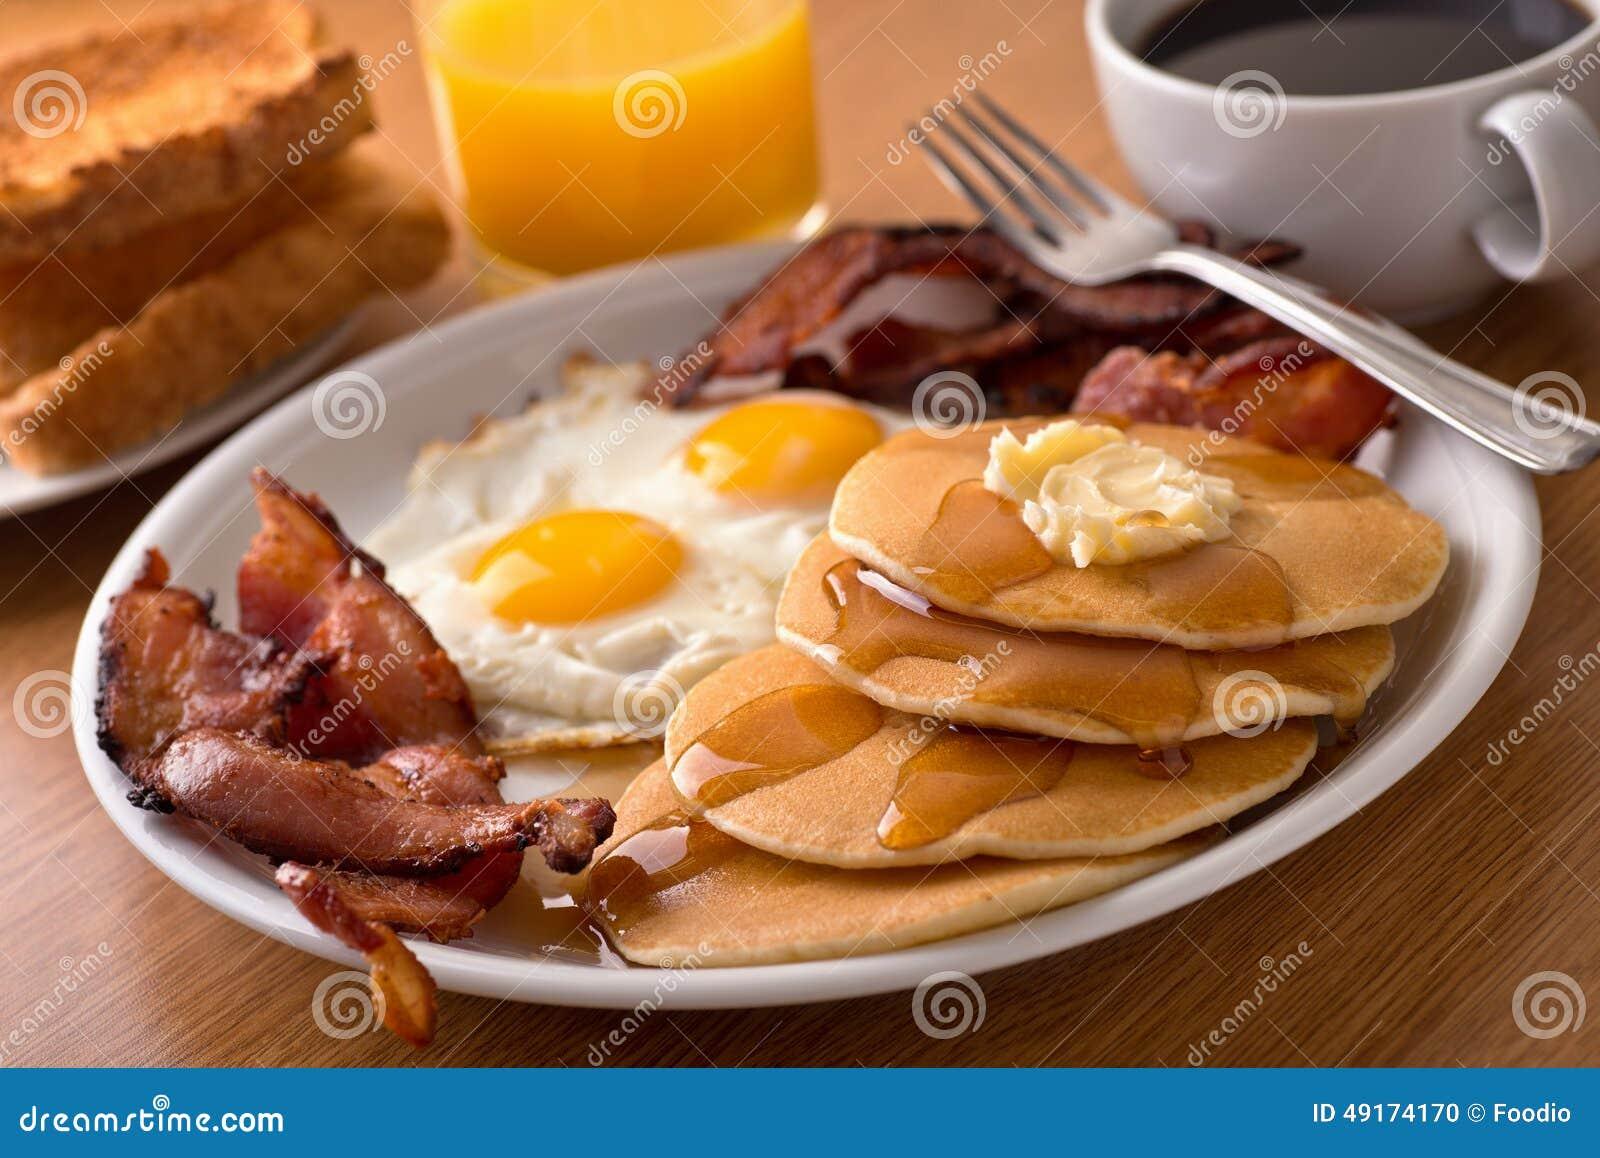 Tome o café da manhã com bacon, ovos, panquecas, e brinde